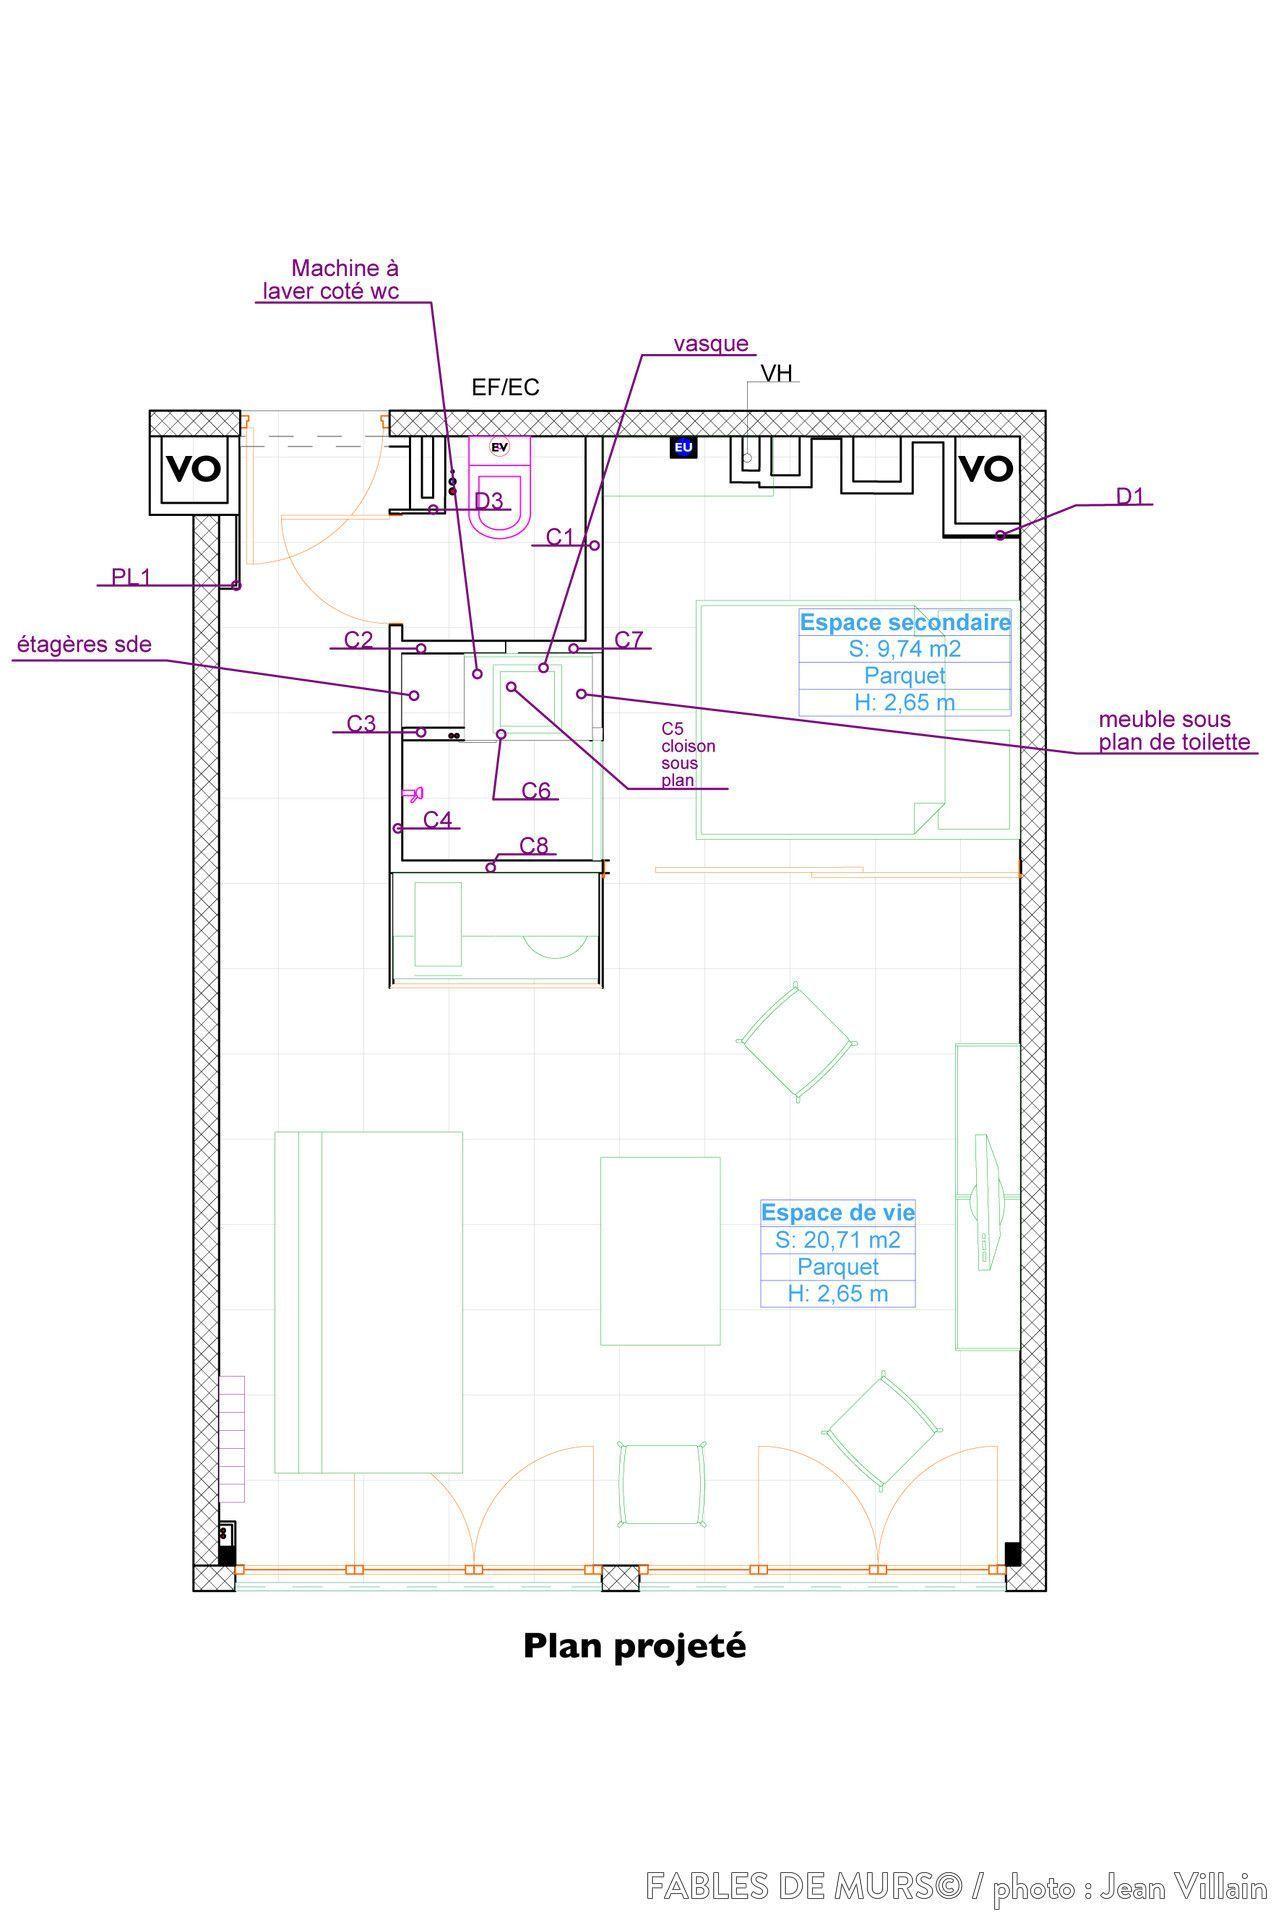 Studio avec espace de couchage indépendant #salled#39;eau Création d'un espace de couchage indépendant dans un studio. L'optimisation du coin cuisine de la salle d'eau et des toilettes sur moins de 4m2 en les regroupant dans un écrin noir permet de gagner de la surface et de créer l'espace de couchage indépendant. #salled#39;eau Studio avec espace de couchage indépendant #salled#39;eau Création d'un espace de couchage indépendant dans un studio. L'optimisation du coin cuisine de la sall #salled#39;eau